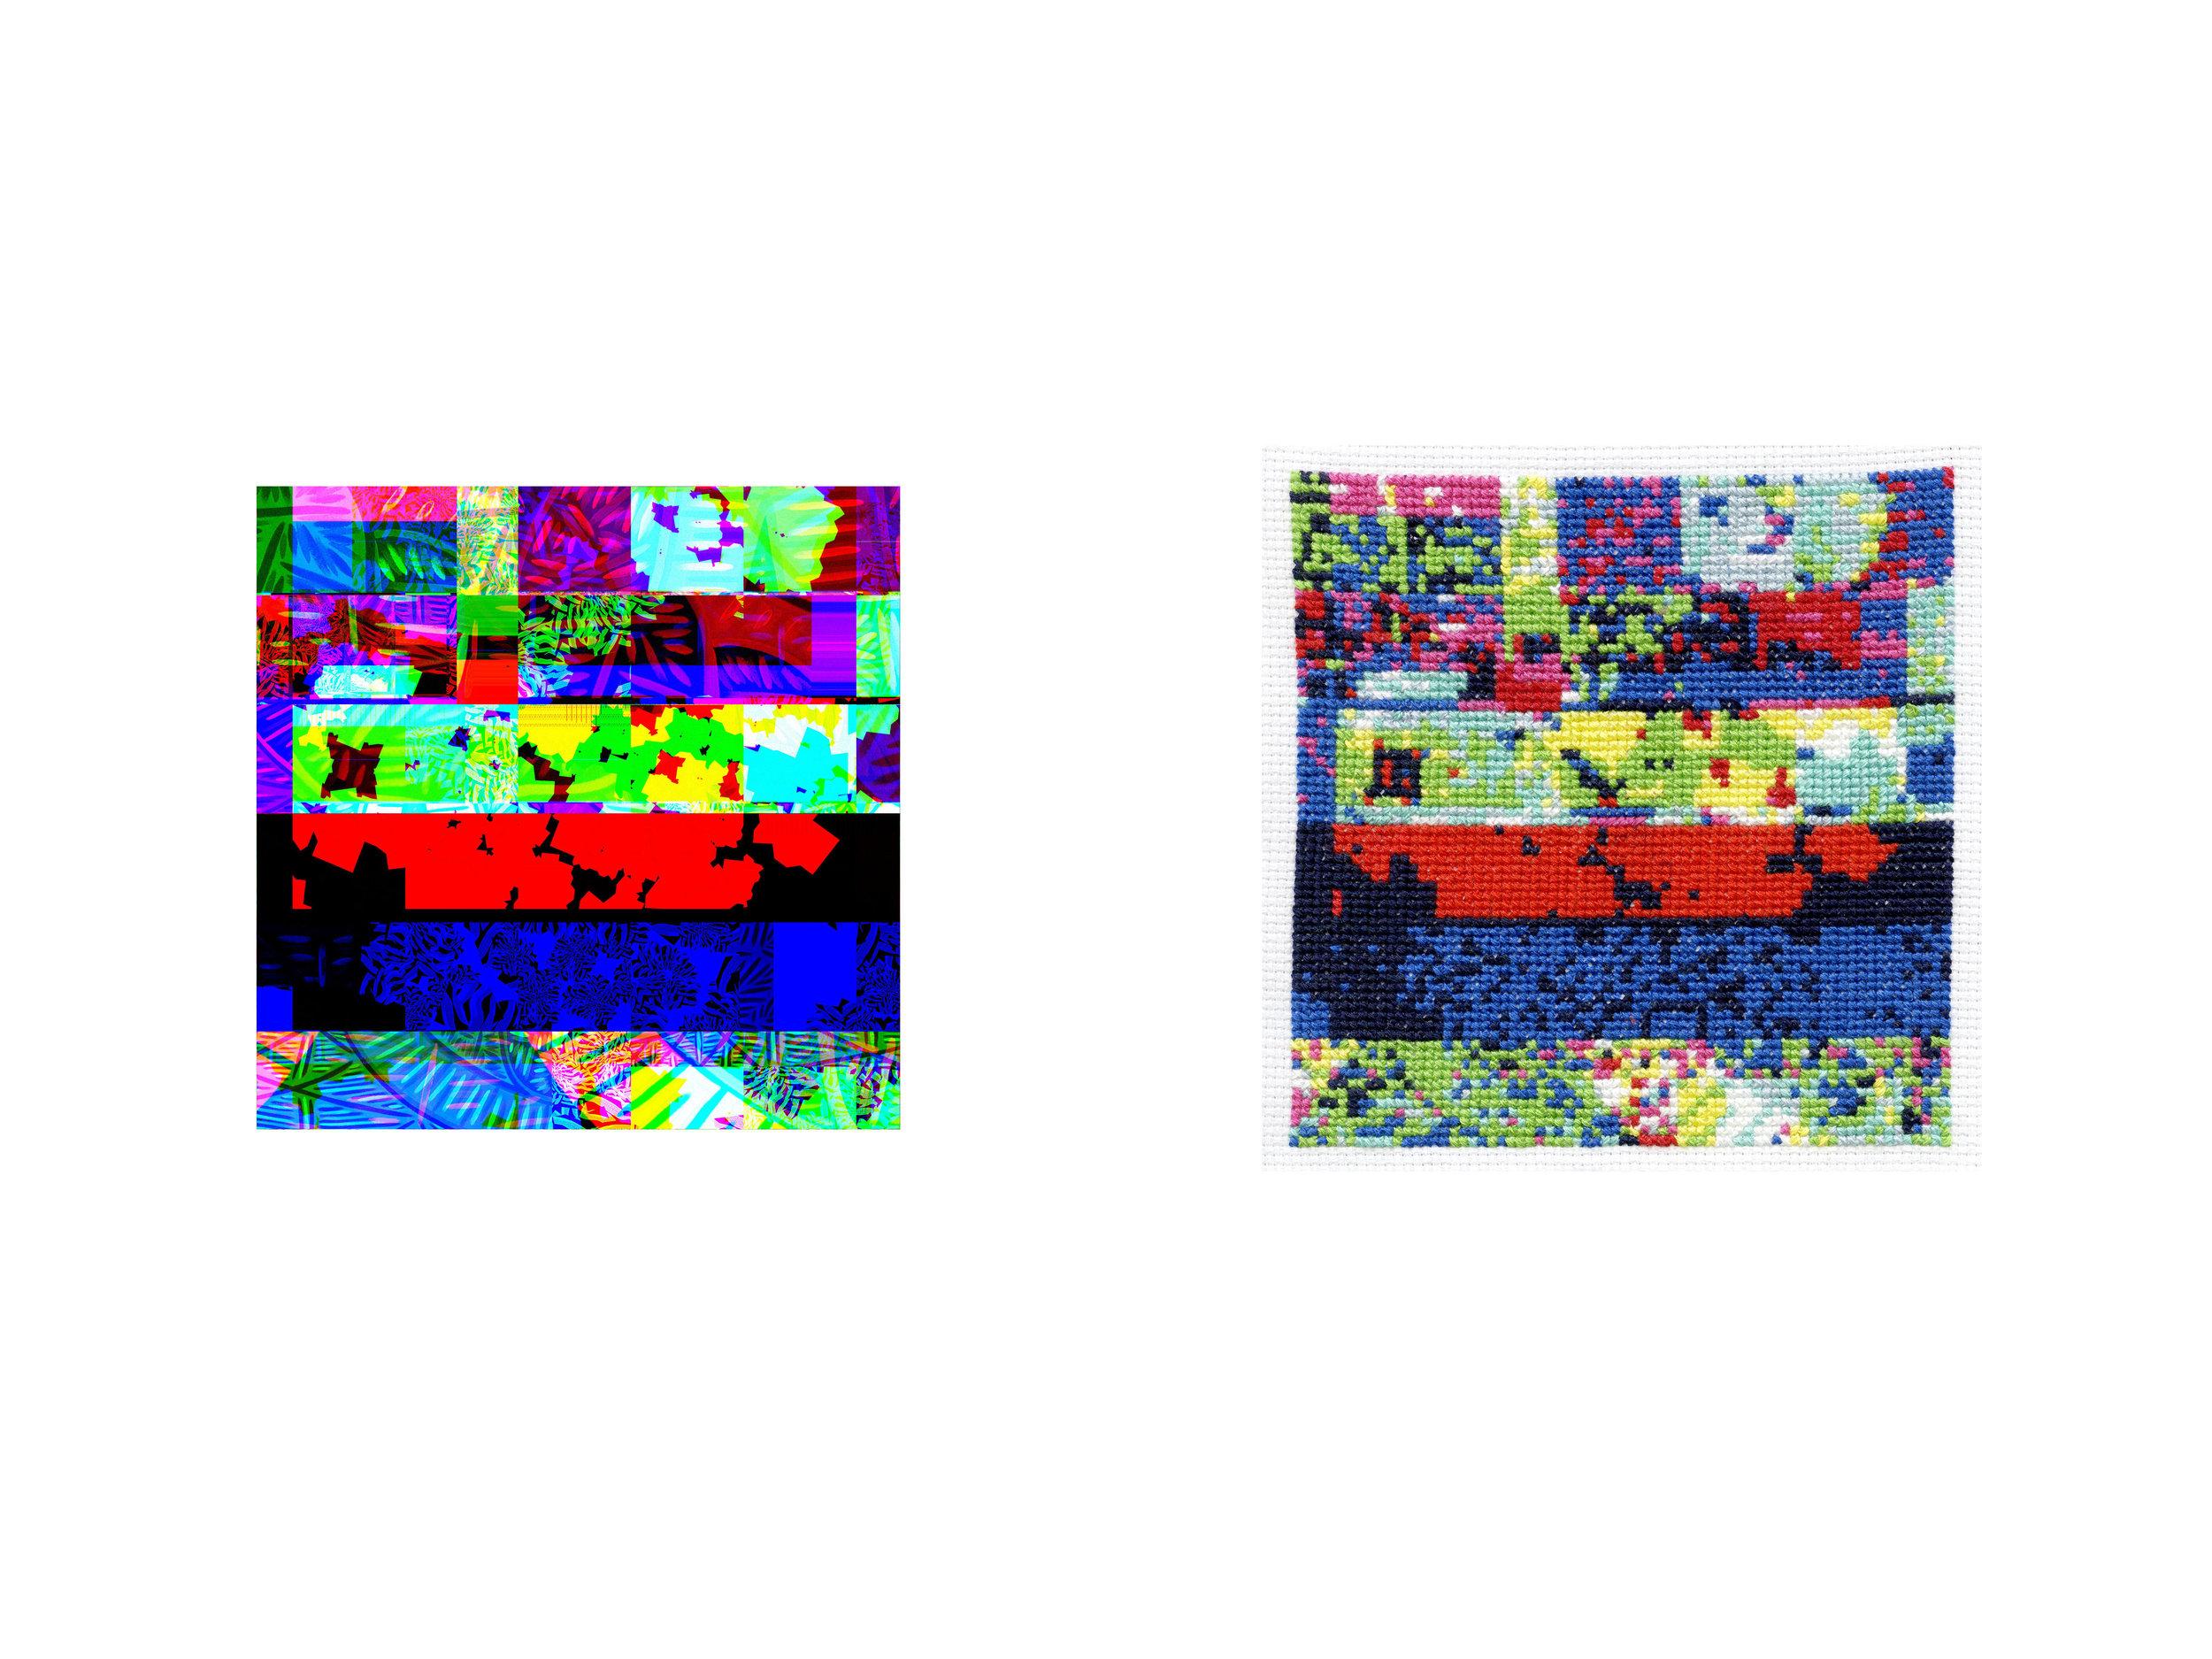 GlitchSeries03 - Crop_7_crop.jpg